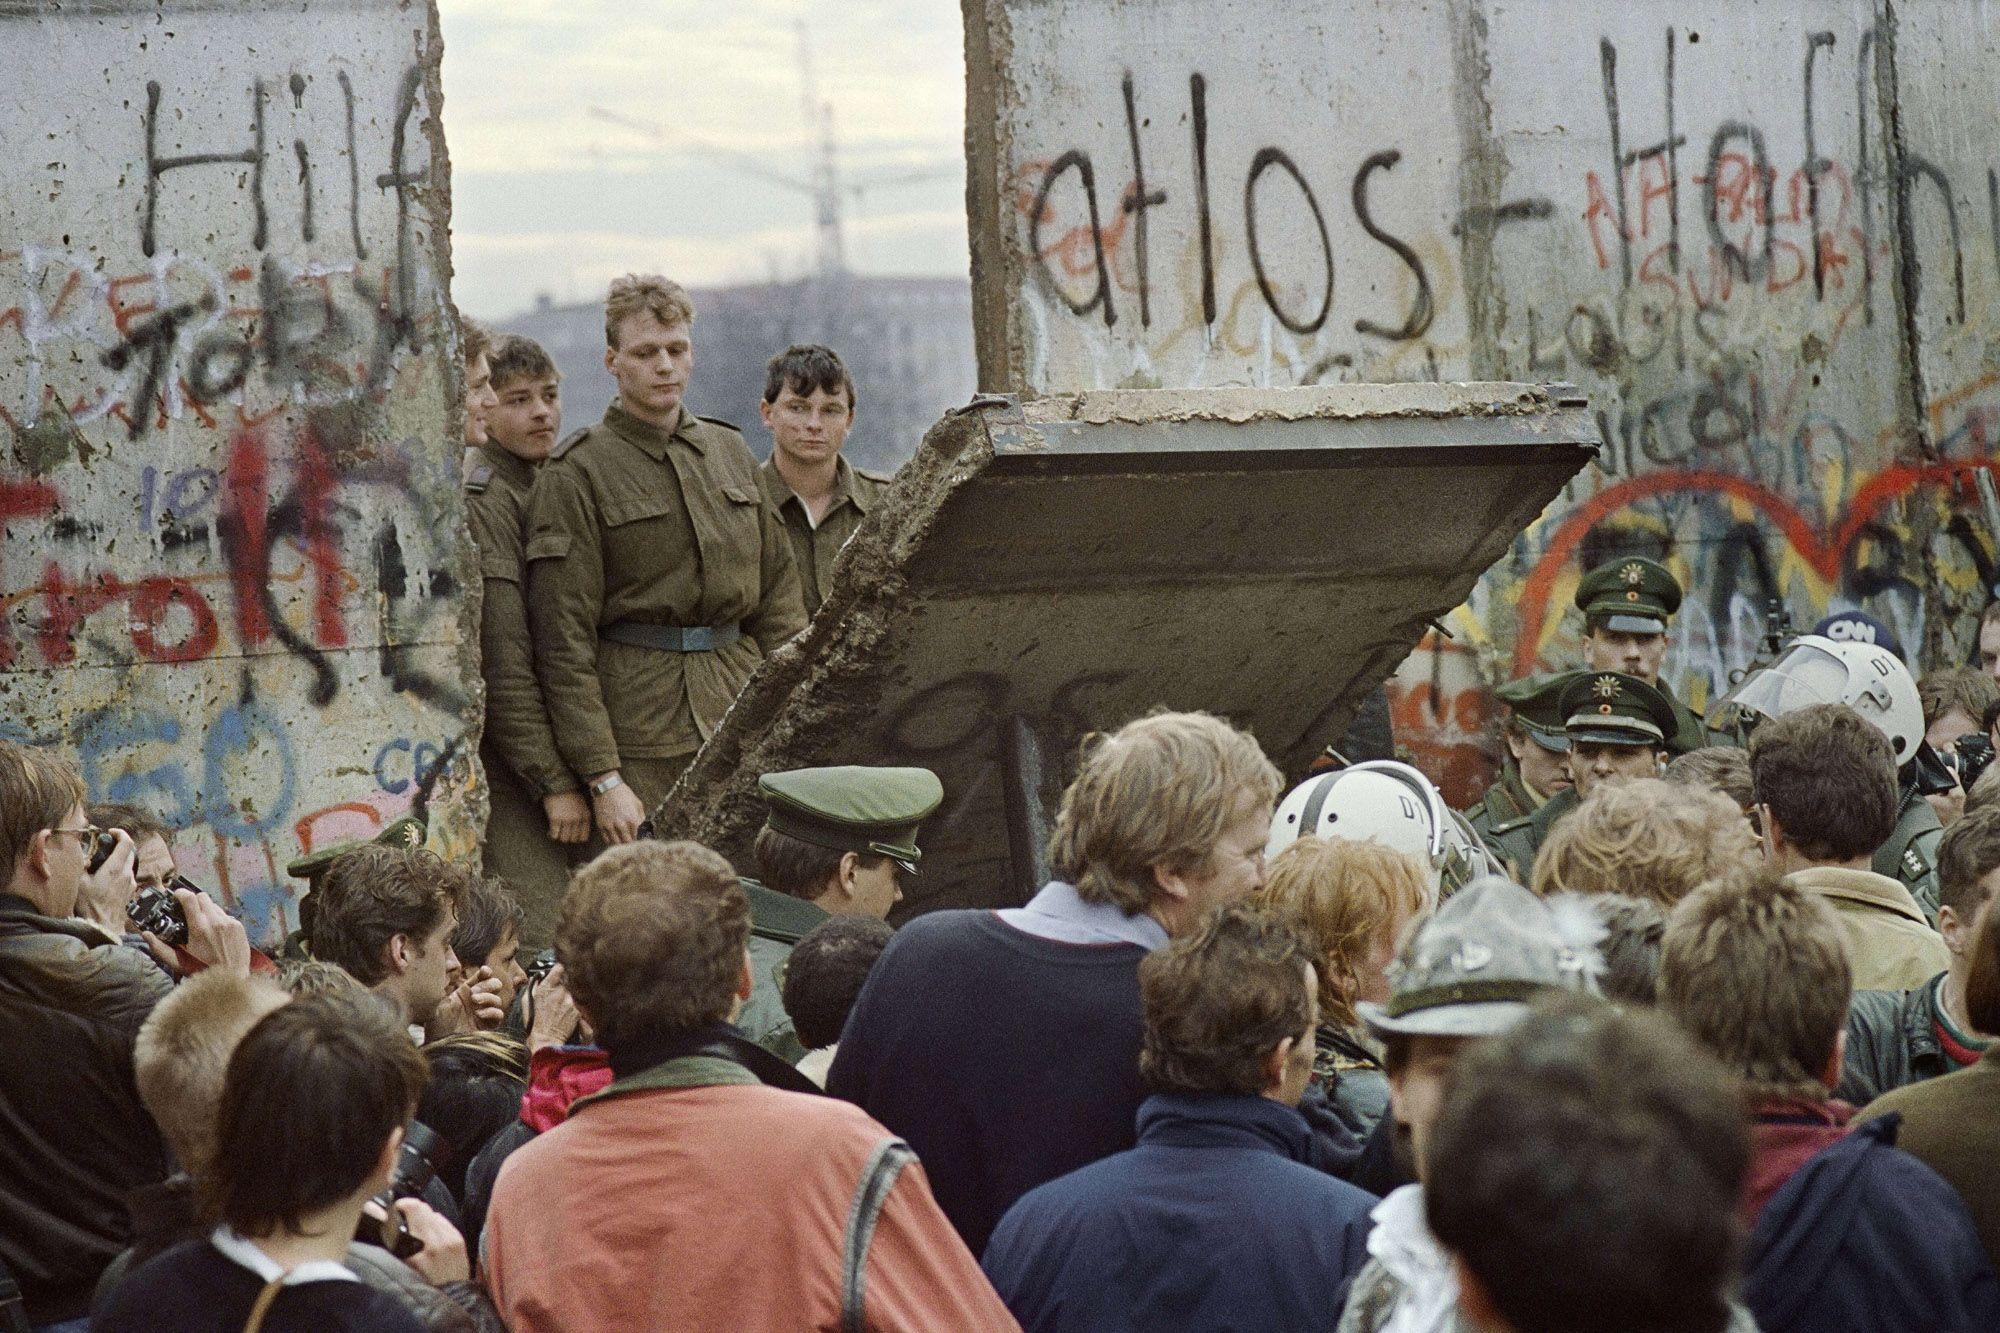 Окупљени људи из западног дела Берлина посматрају како војници из источног дела руше један део Берлинског зида, 11. новембар 1989. (Фото: GERARD MALIE/AFP/Getty Images)